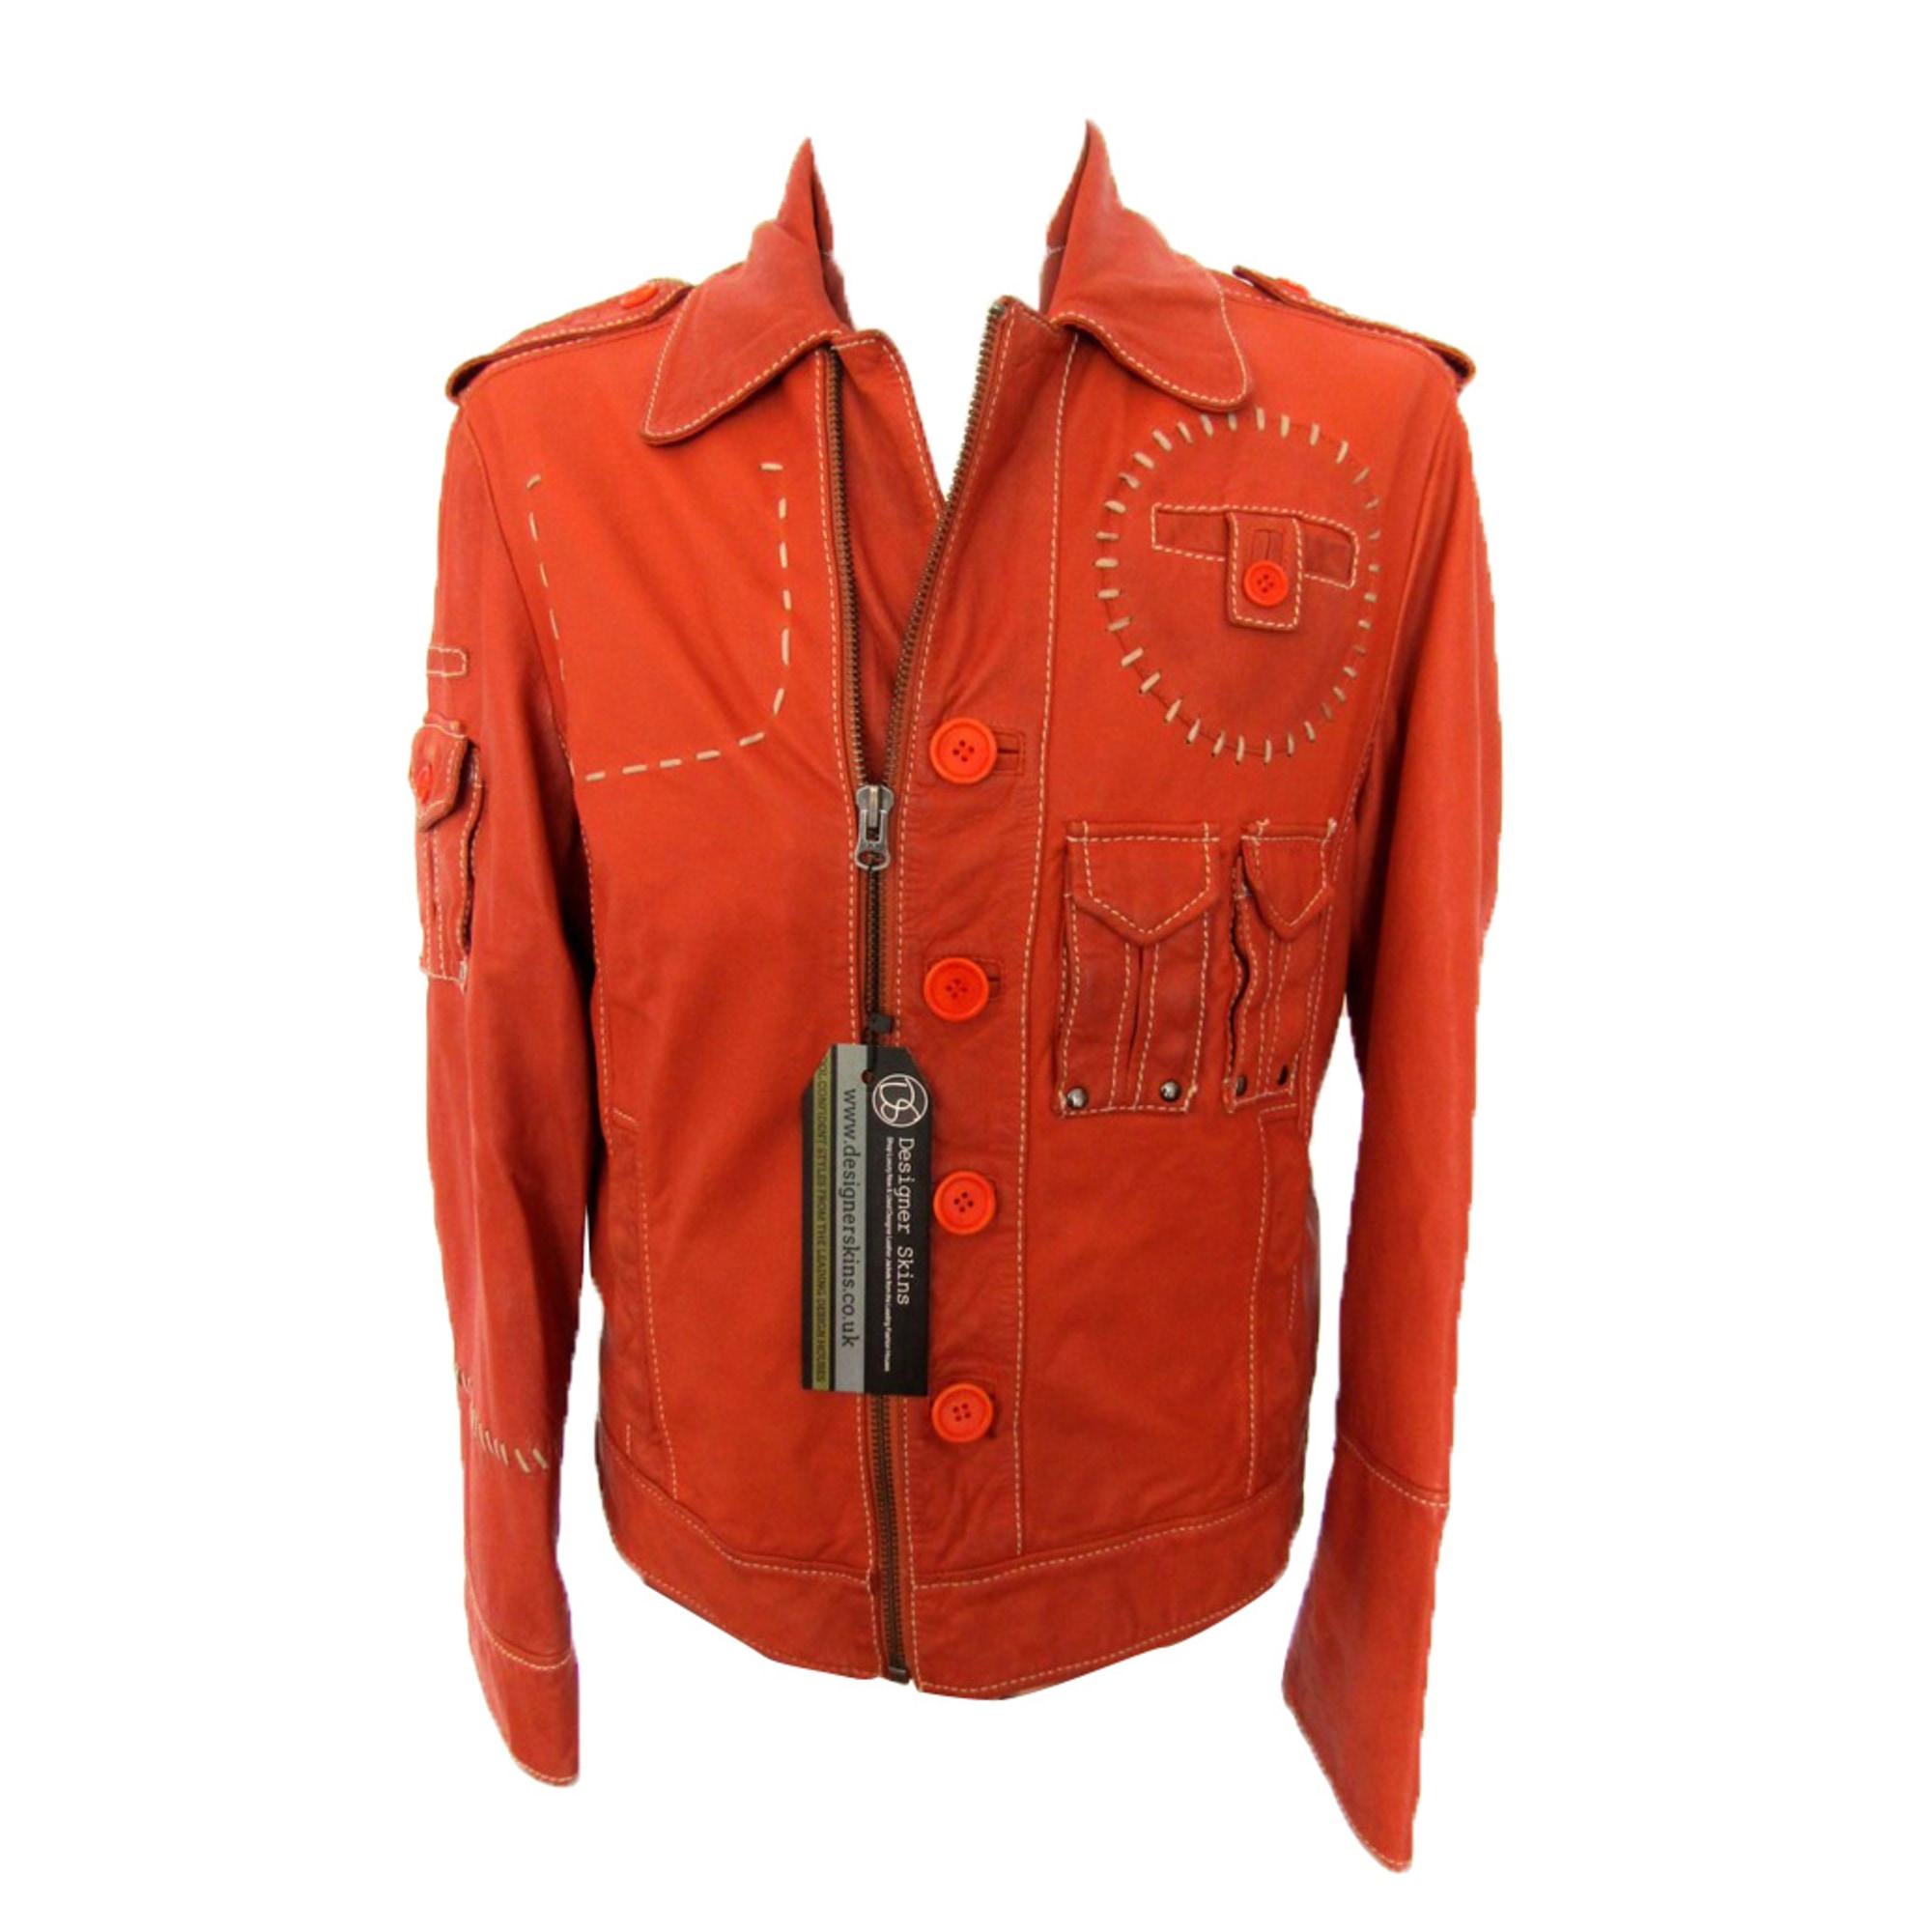 Blouson en cuir DIRK BIKKEMBERGS Orange